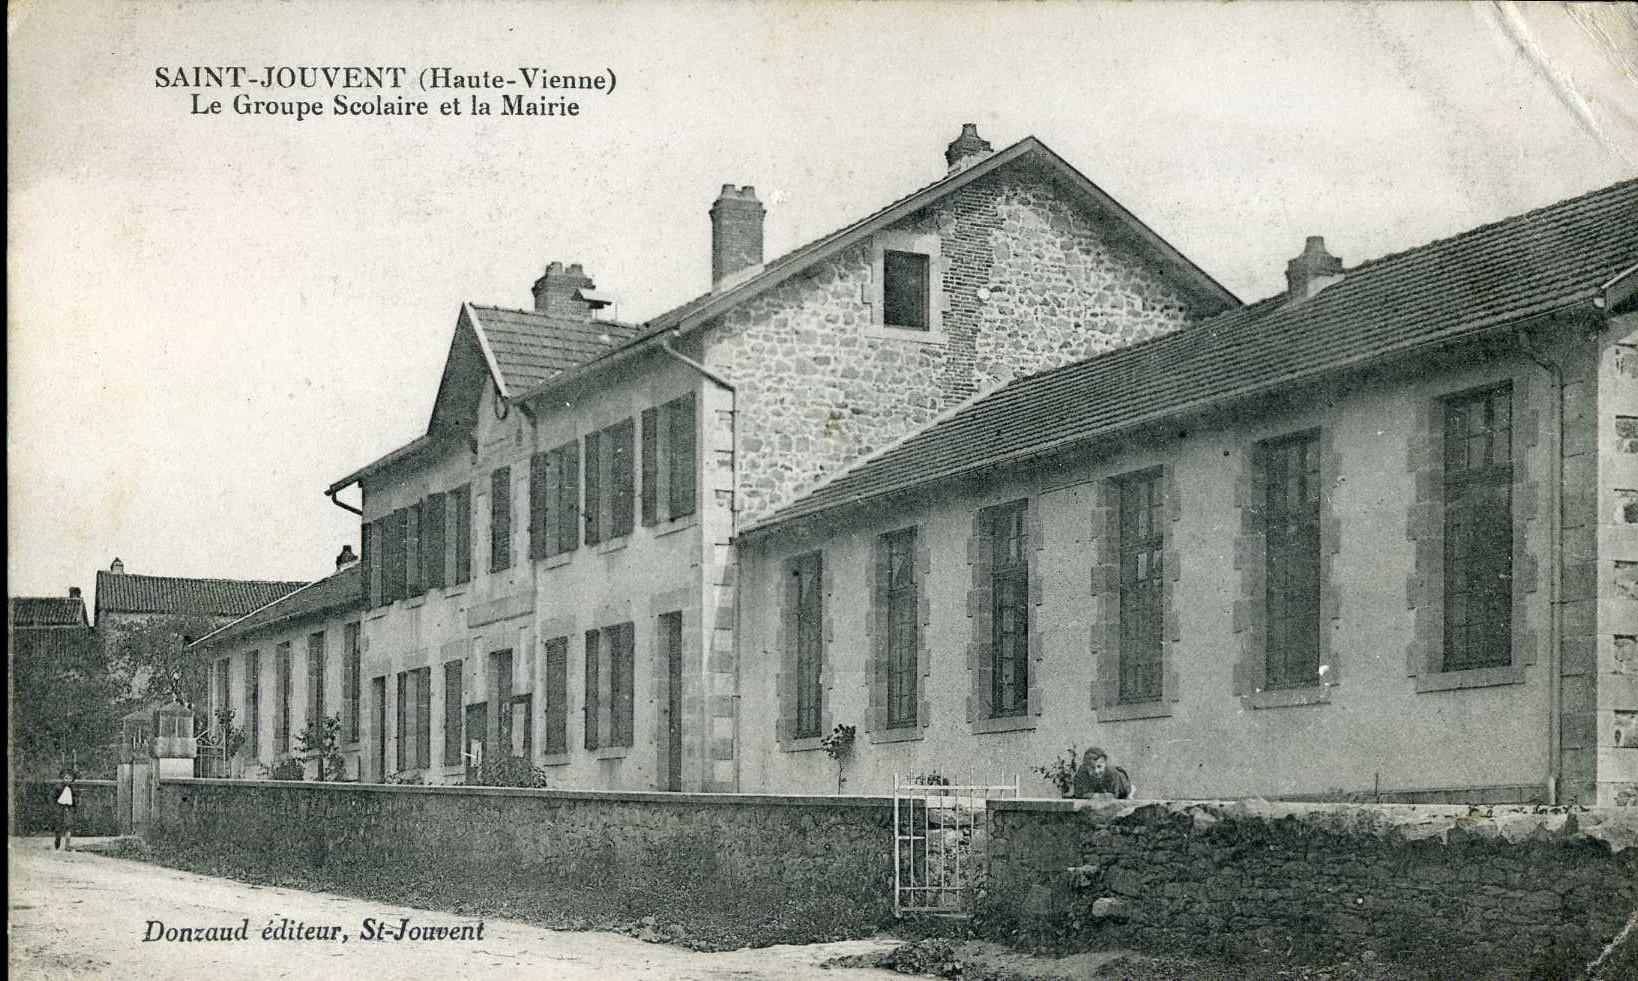 Histoire et patrimoine de saint jouvent haute vienne for 86 haute vienne